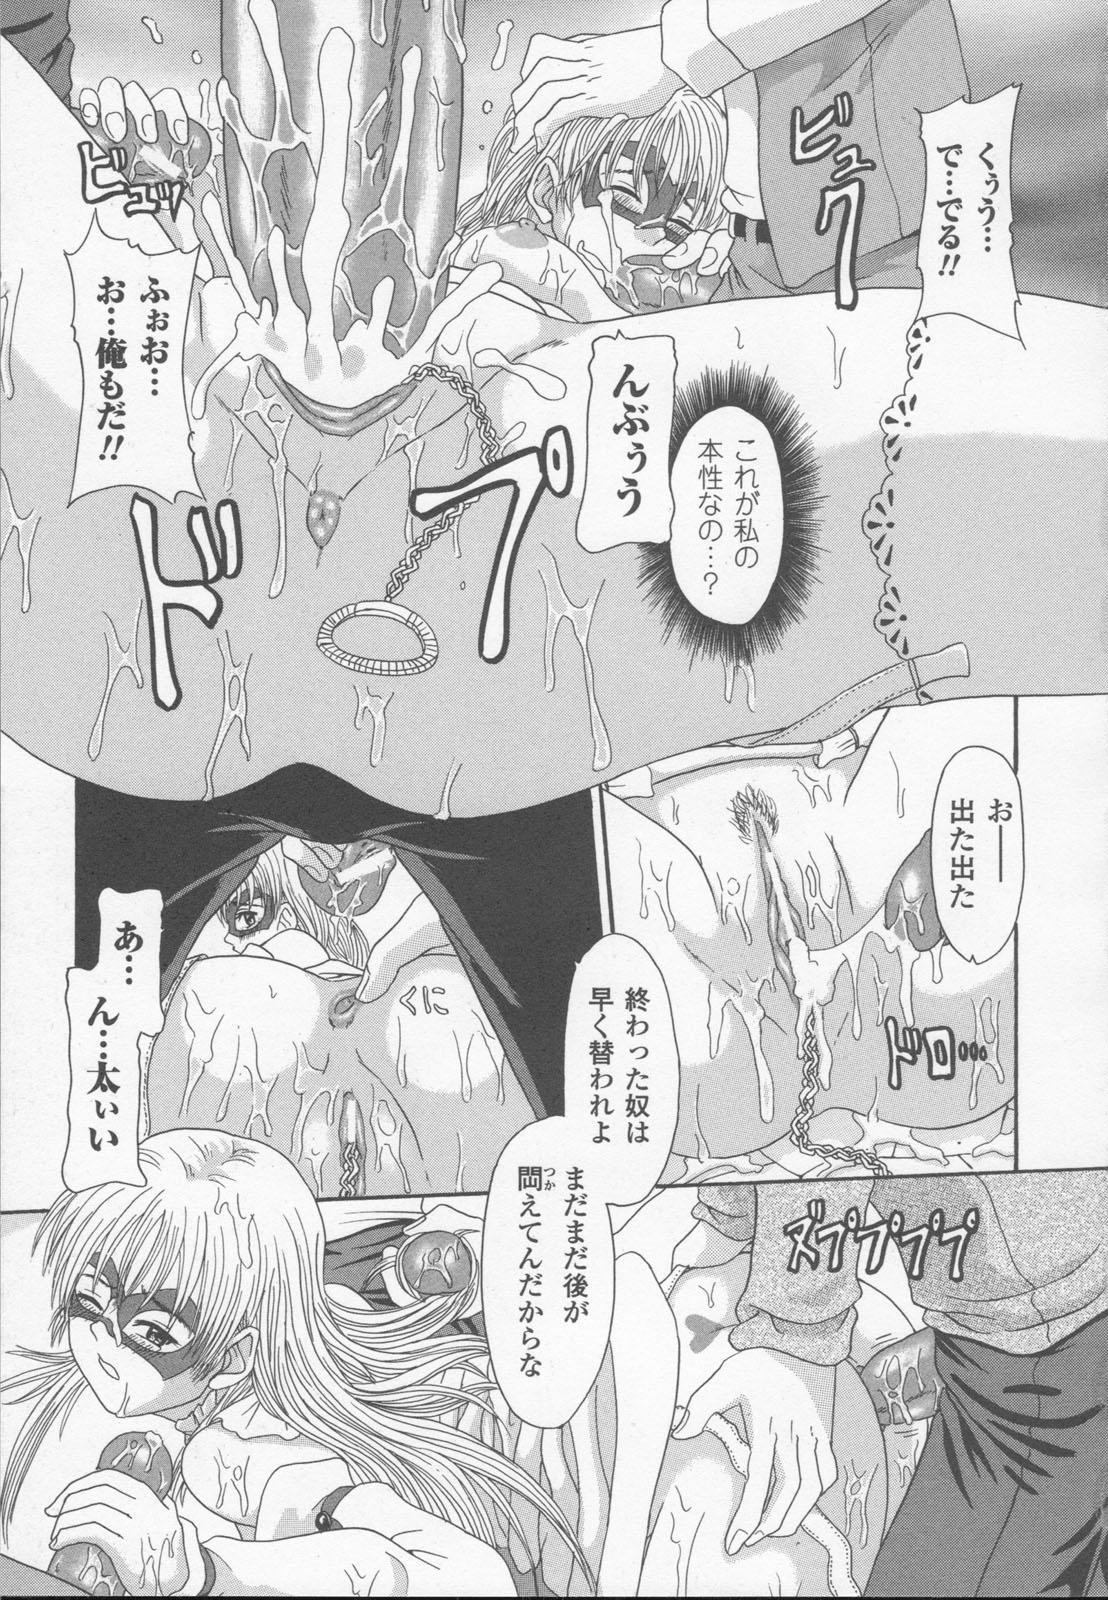 Shirayuri no Kenshi Anthology Comics 142